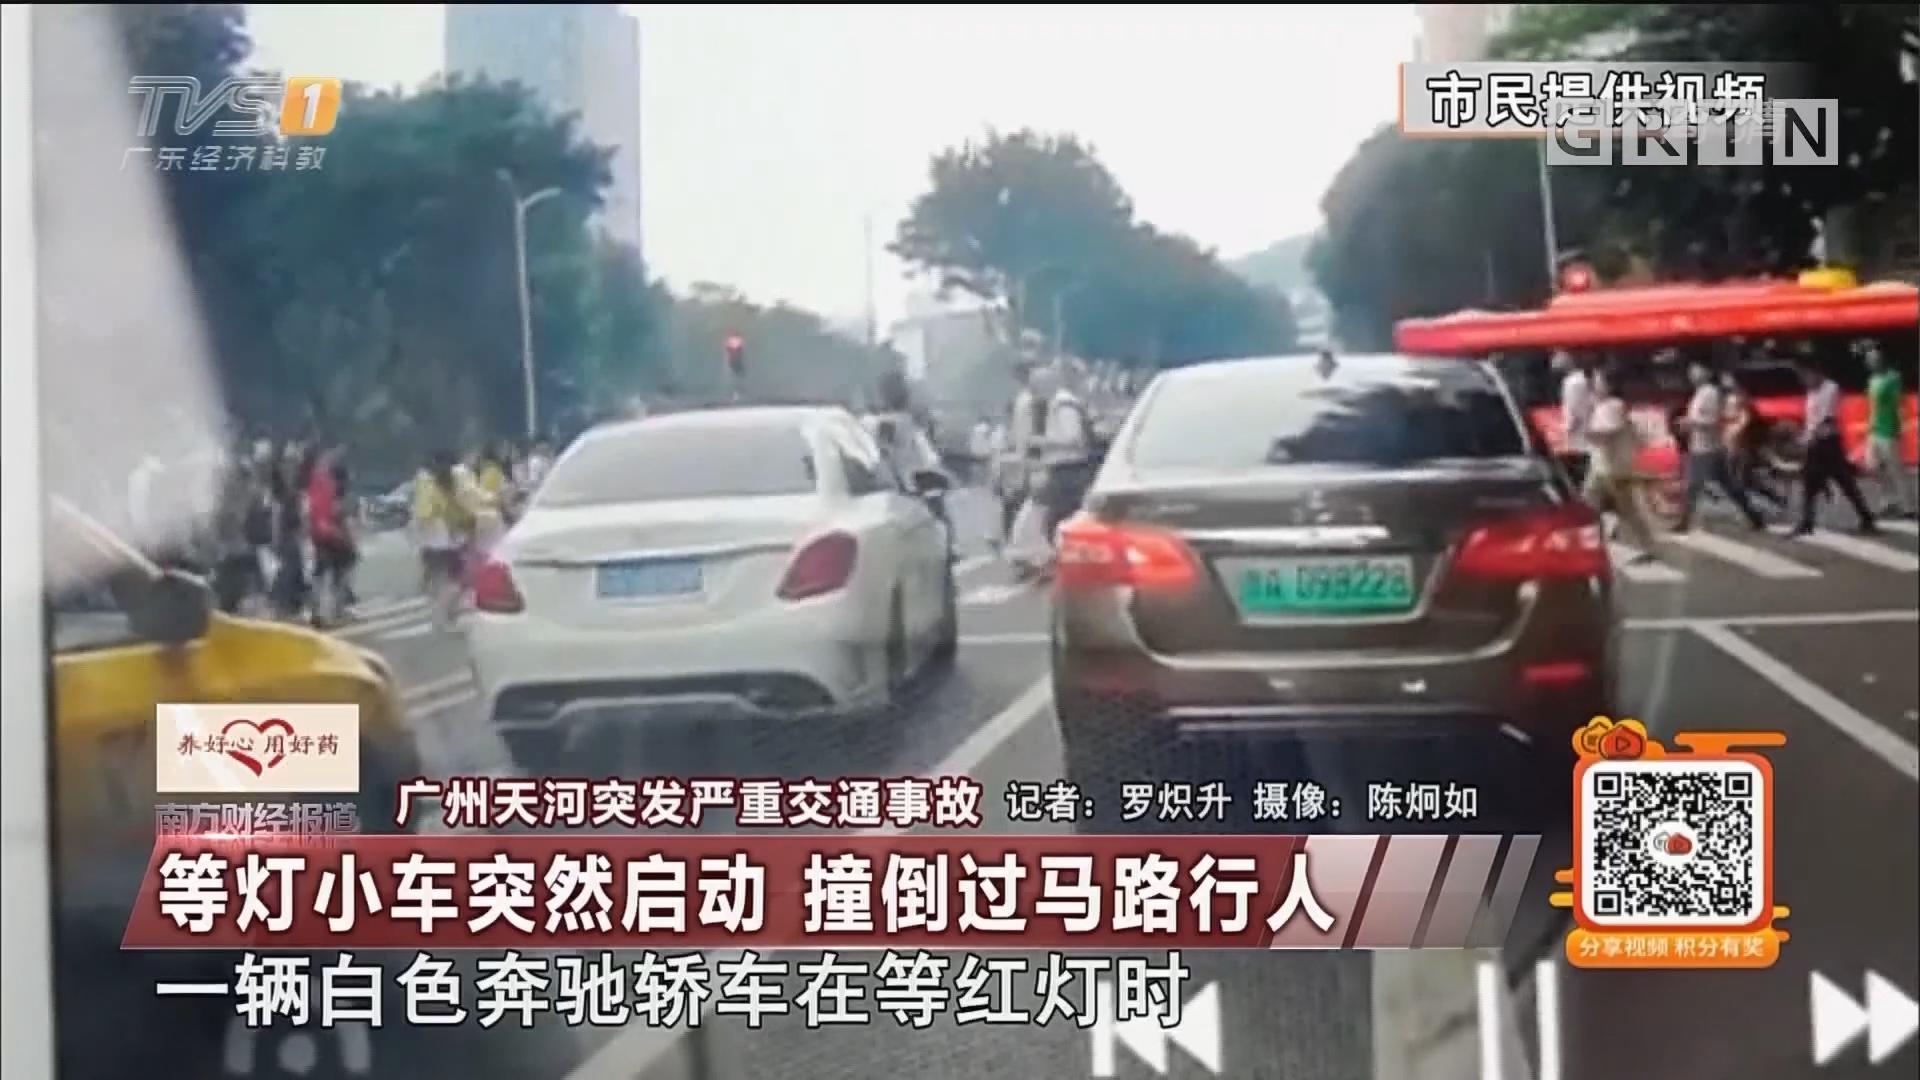 广州天河突发严重交通事故:等灯小车突然启动 撞倒过马路行人